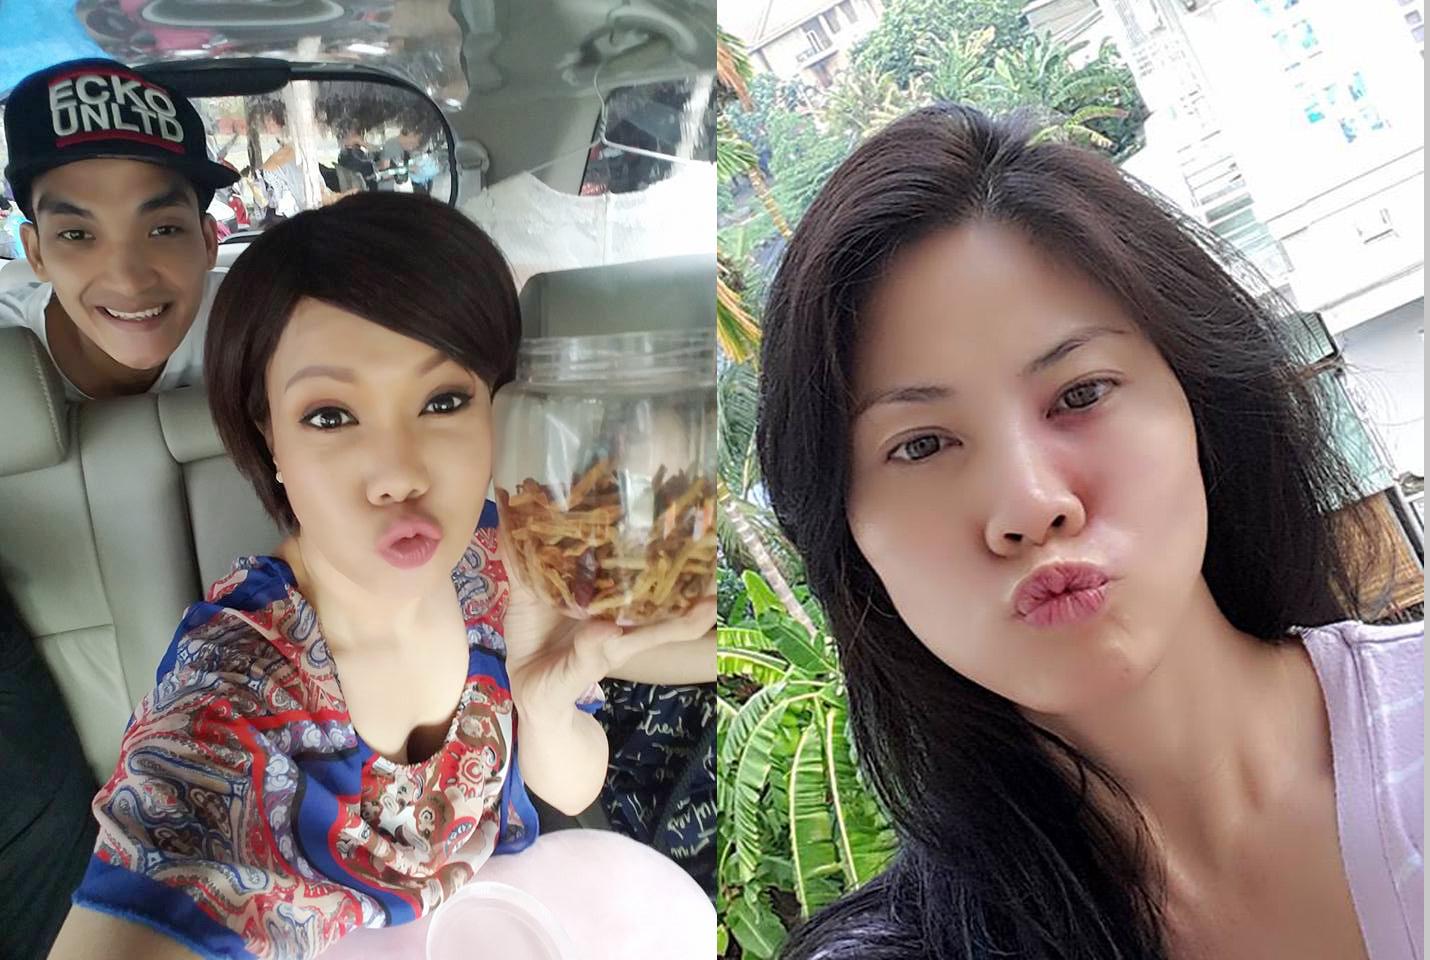 Ảnh đời thường của sao Việt qua Facebook ngày 15-6